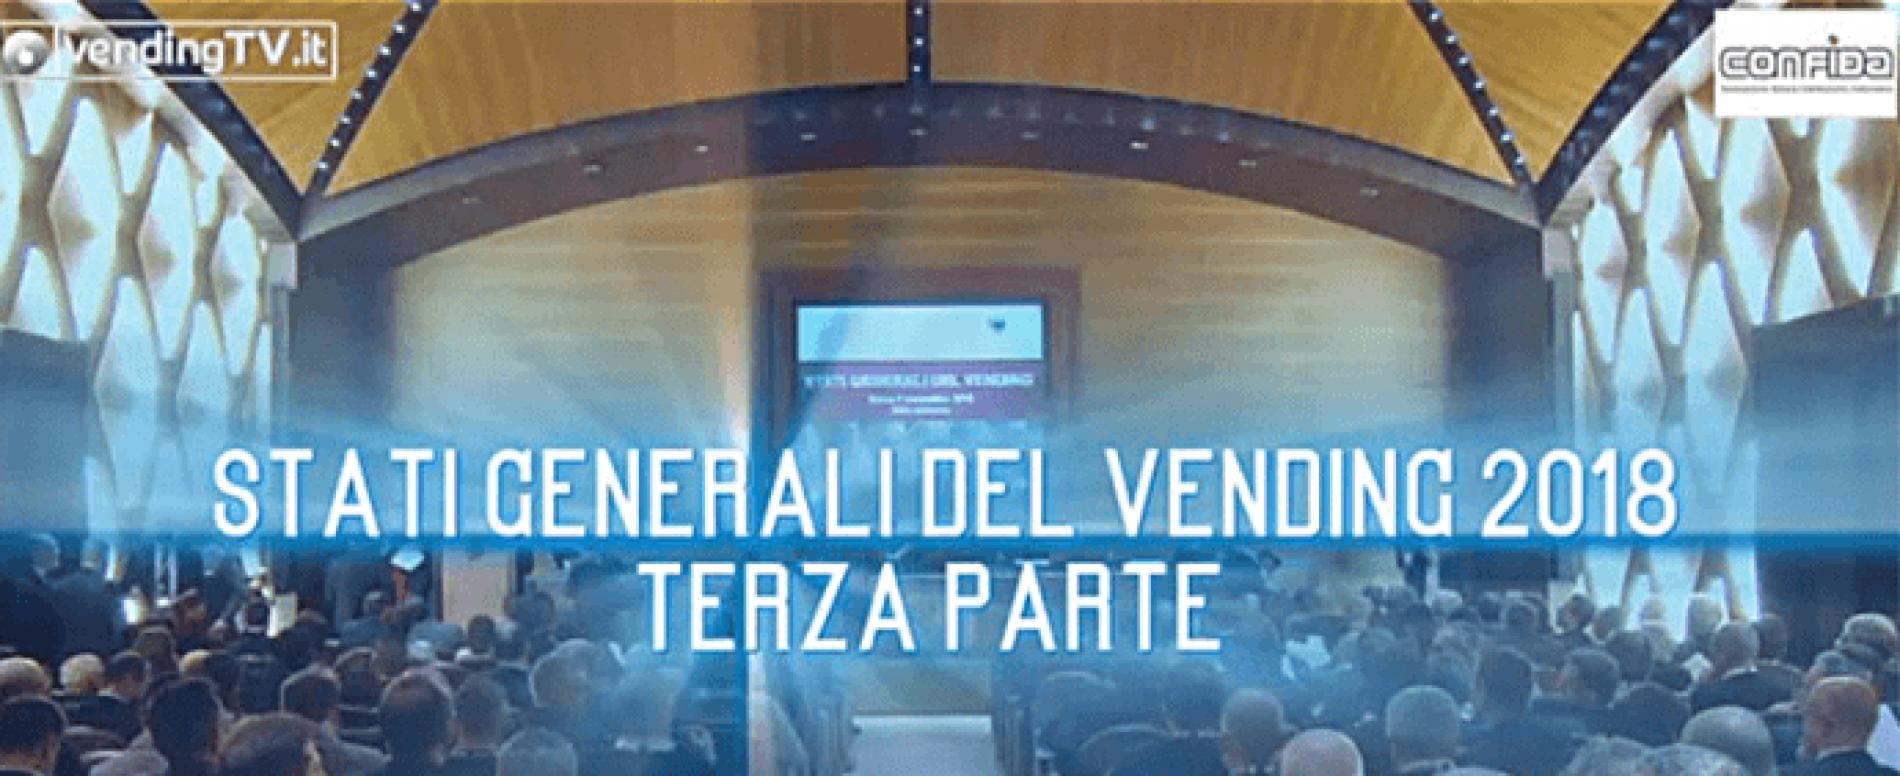 Vending TV. Stati Generali del Vending 2018. Terza parte